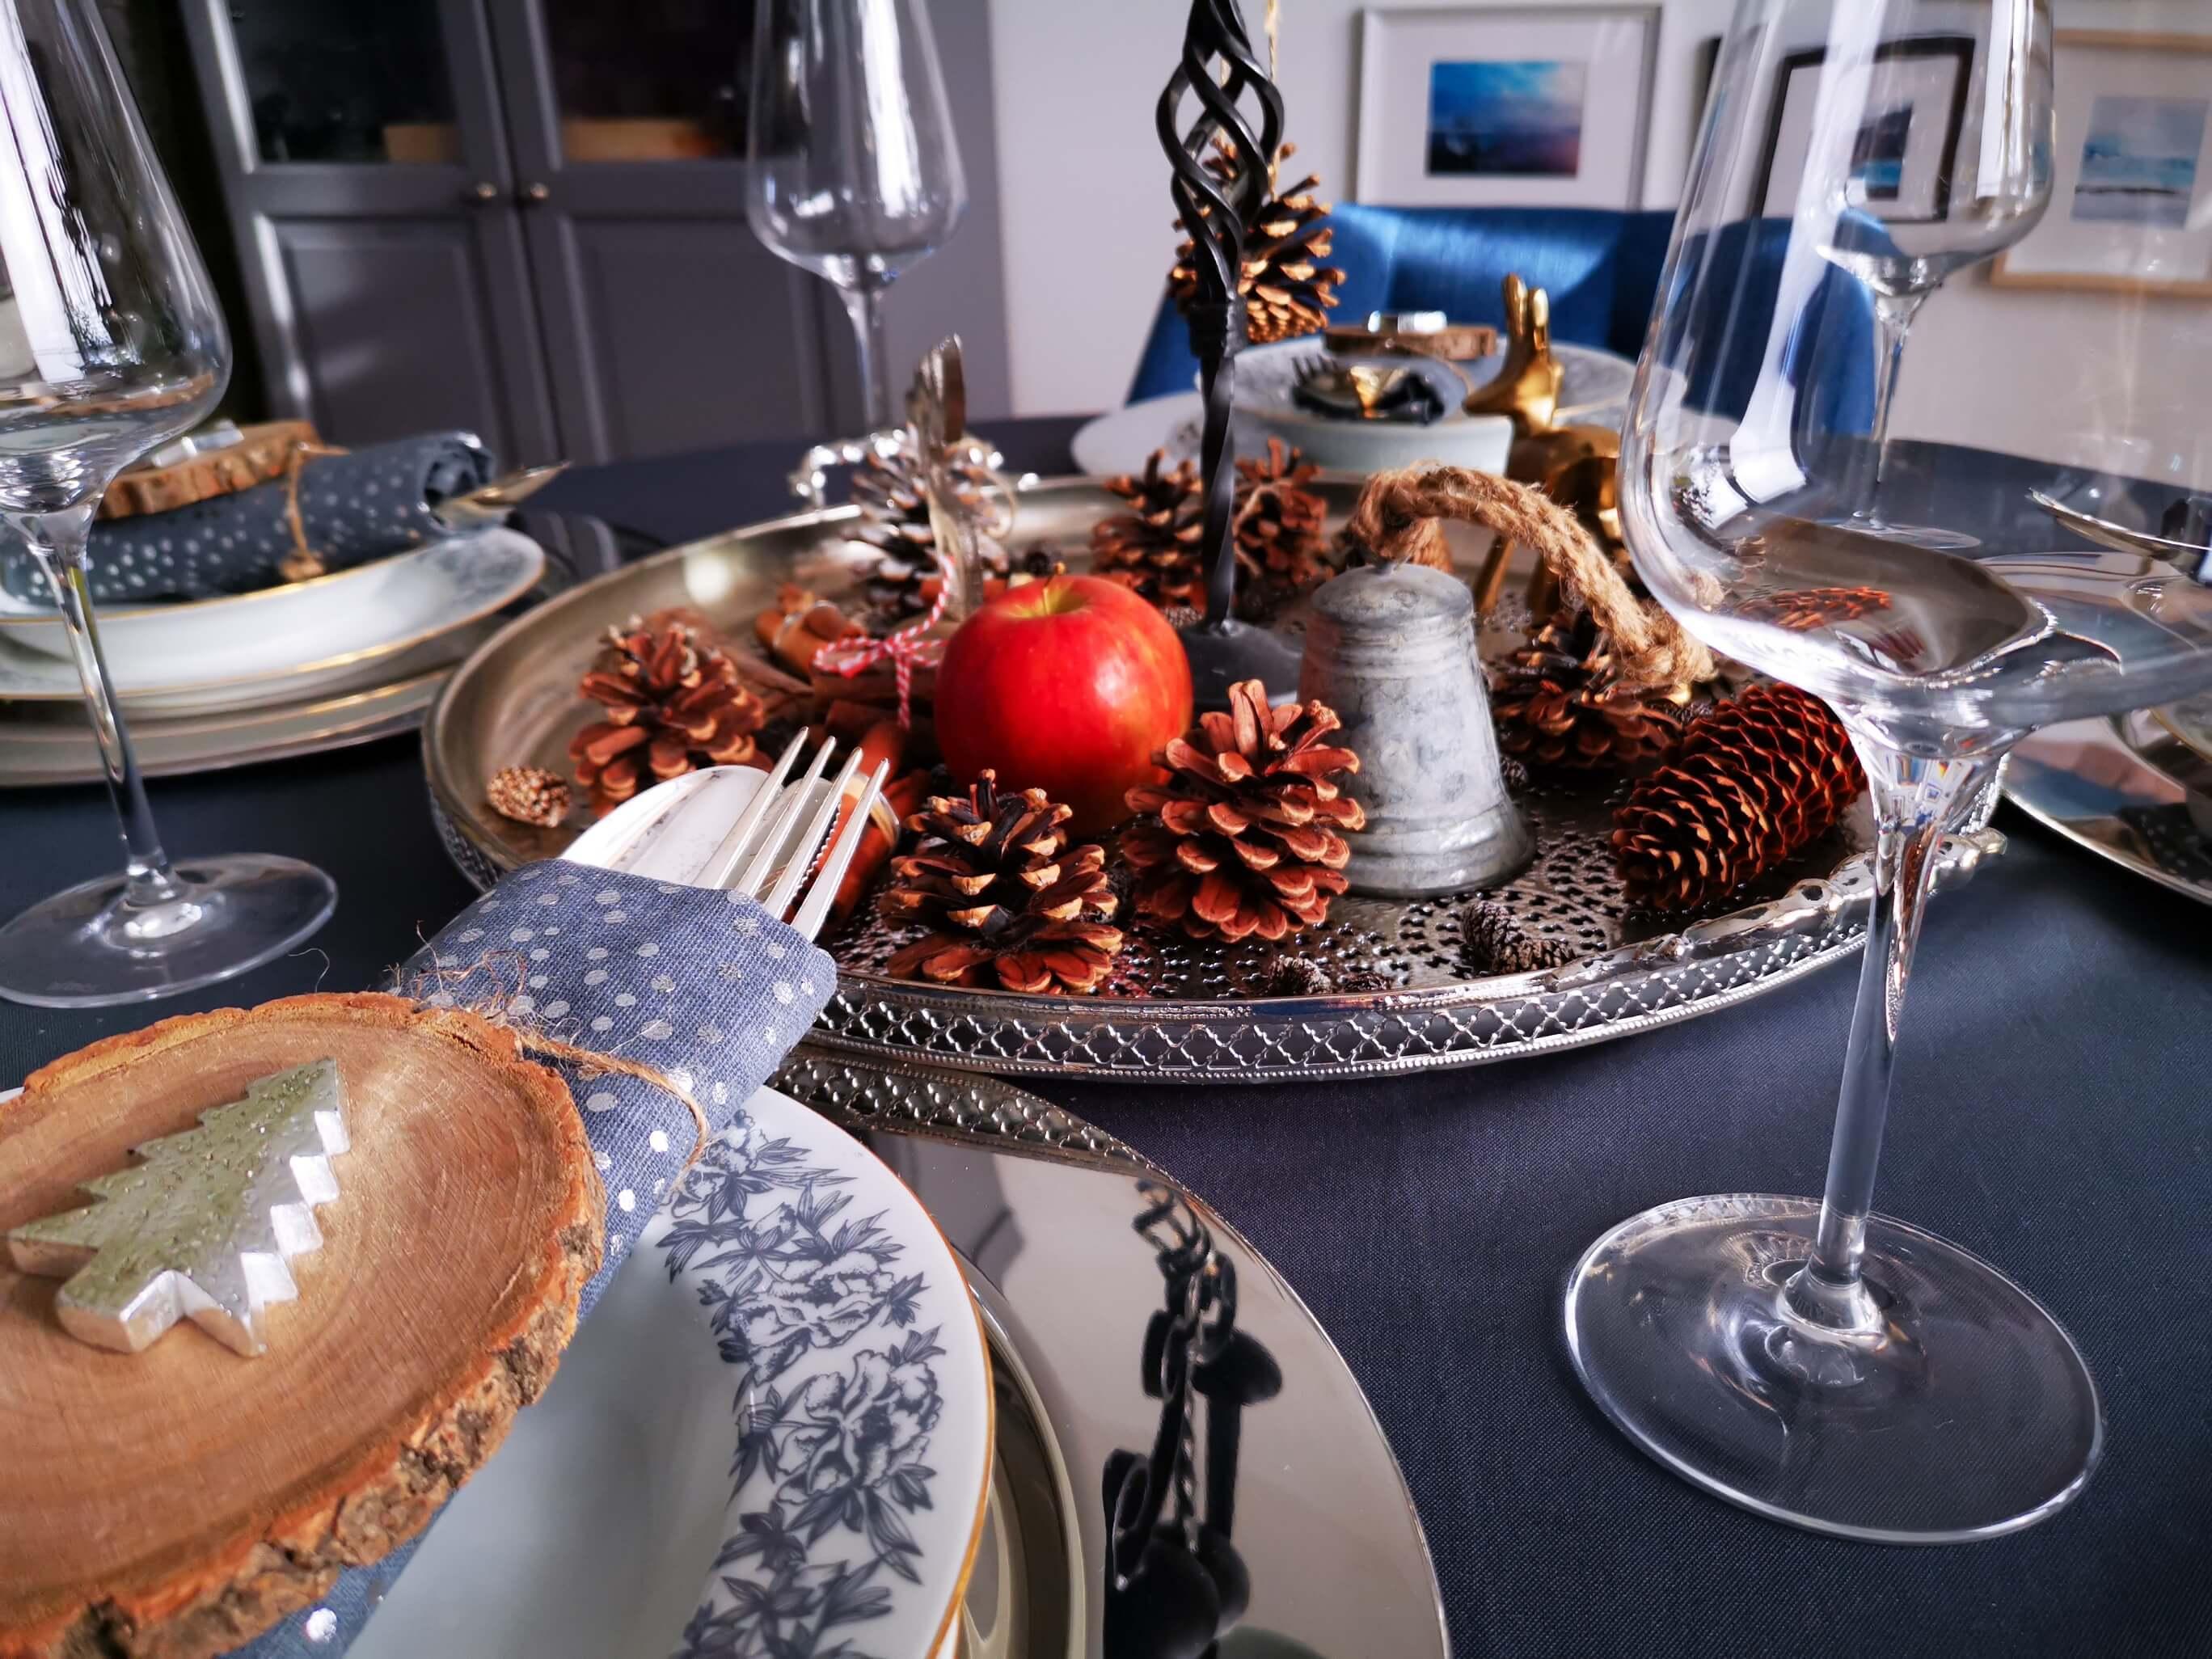 IMG 20191201 134333 resized 20191201 082826403 - Inšpirácia na krásne vyzdobený vianočný stôl